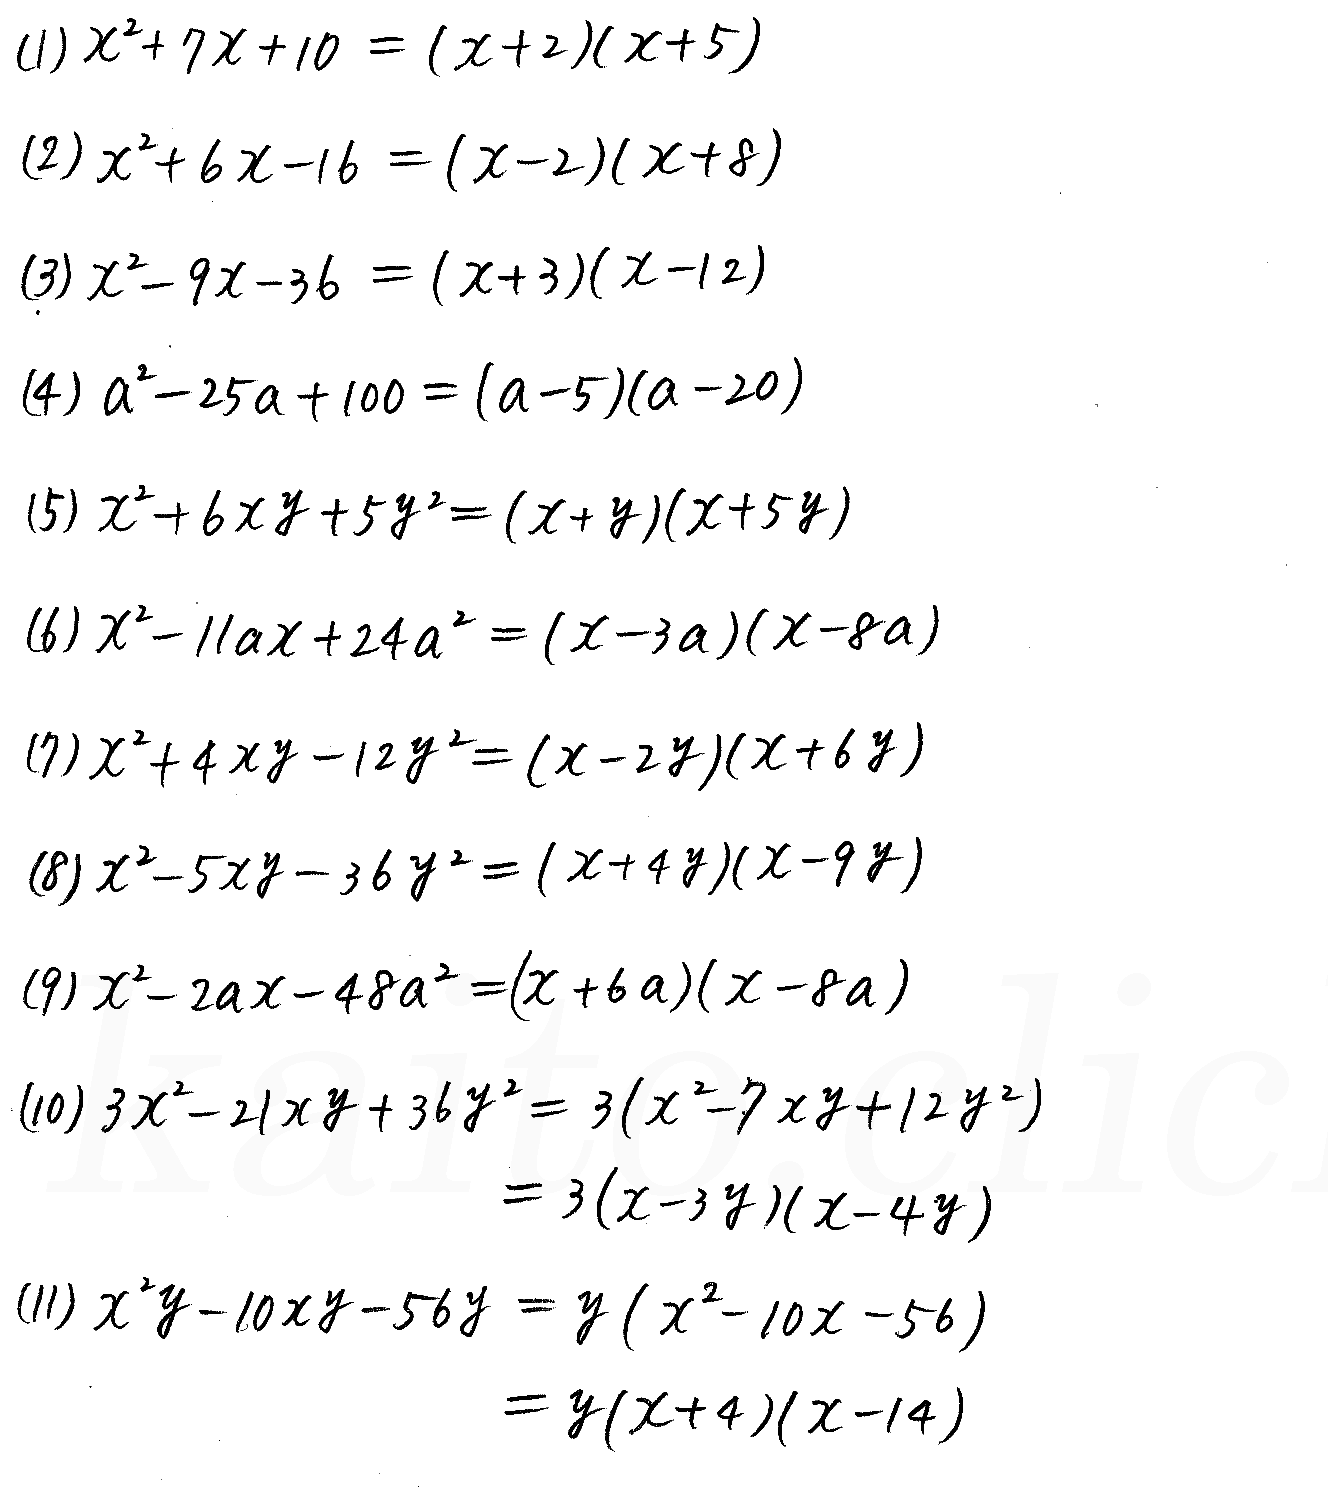 クリアー数学1-36解答